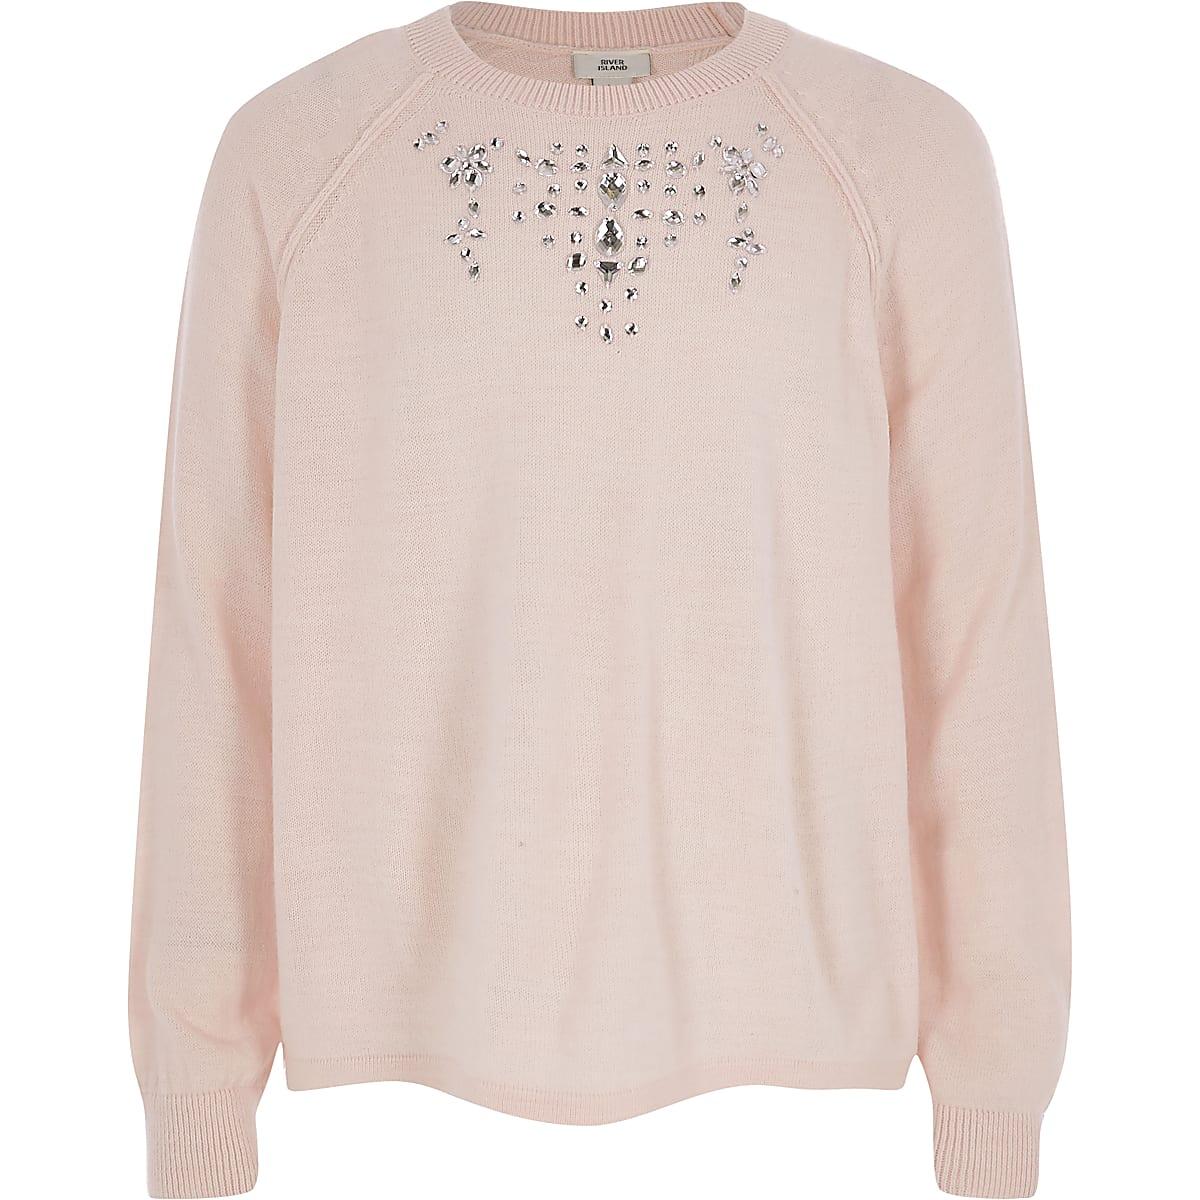 Girls pink embellished knit jumper